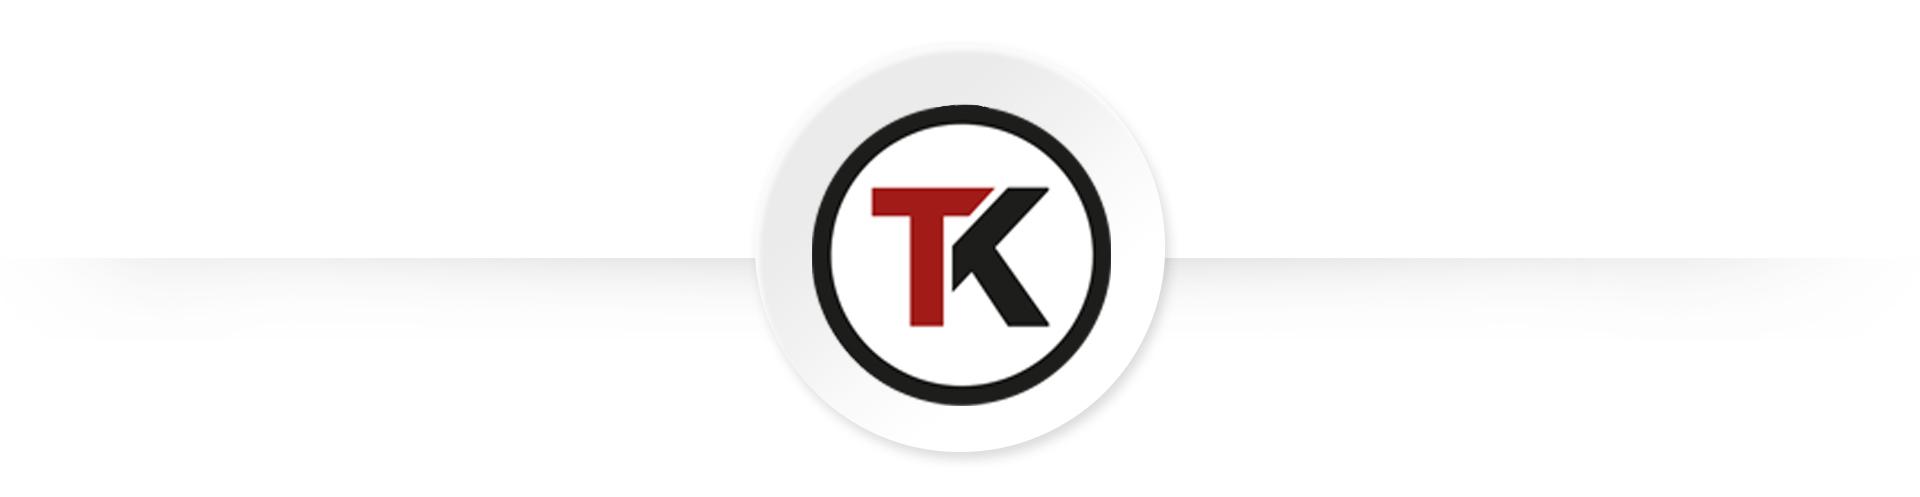 La communauté Taklope : ils ont réussi, pourquoi pas vous ?